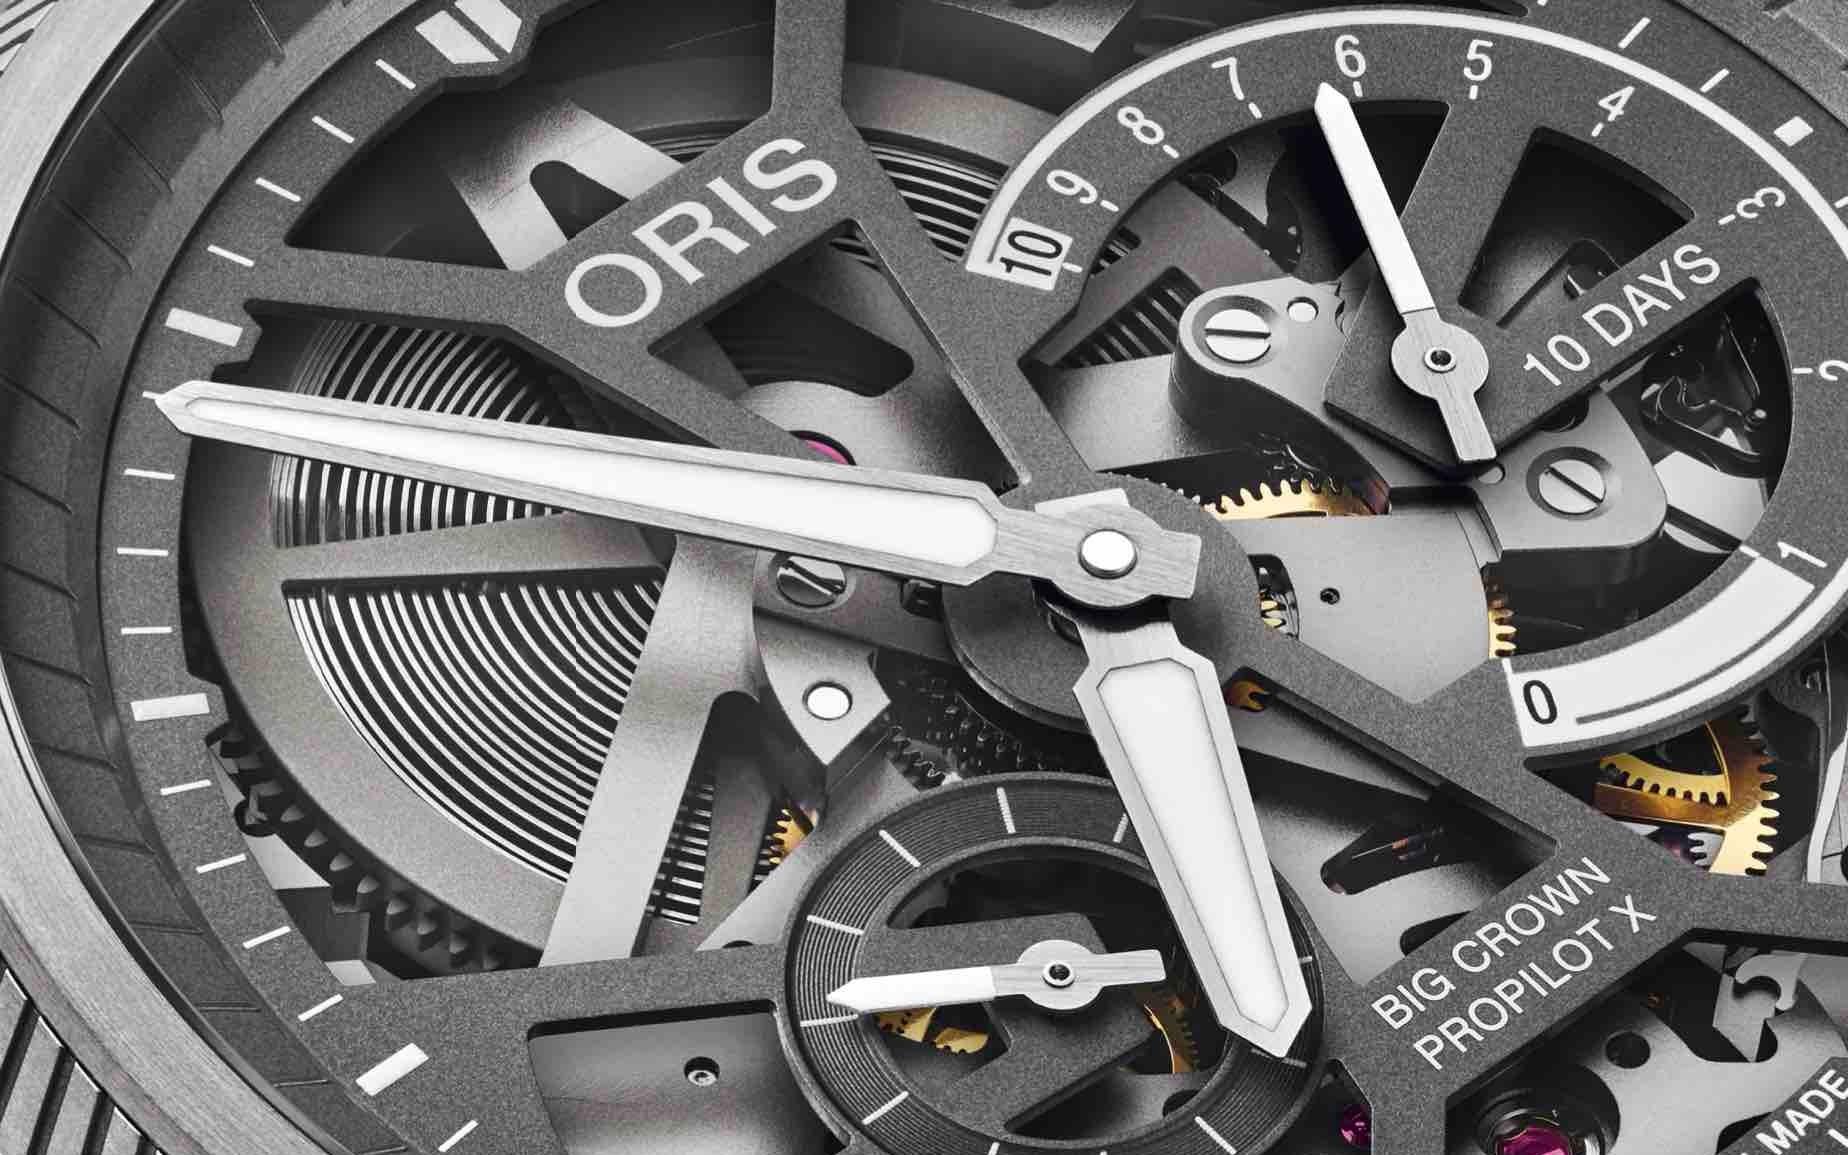 Câu chuyện về nhà chế tác đồng hồ hiện đại Oris